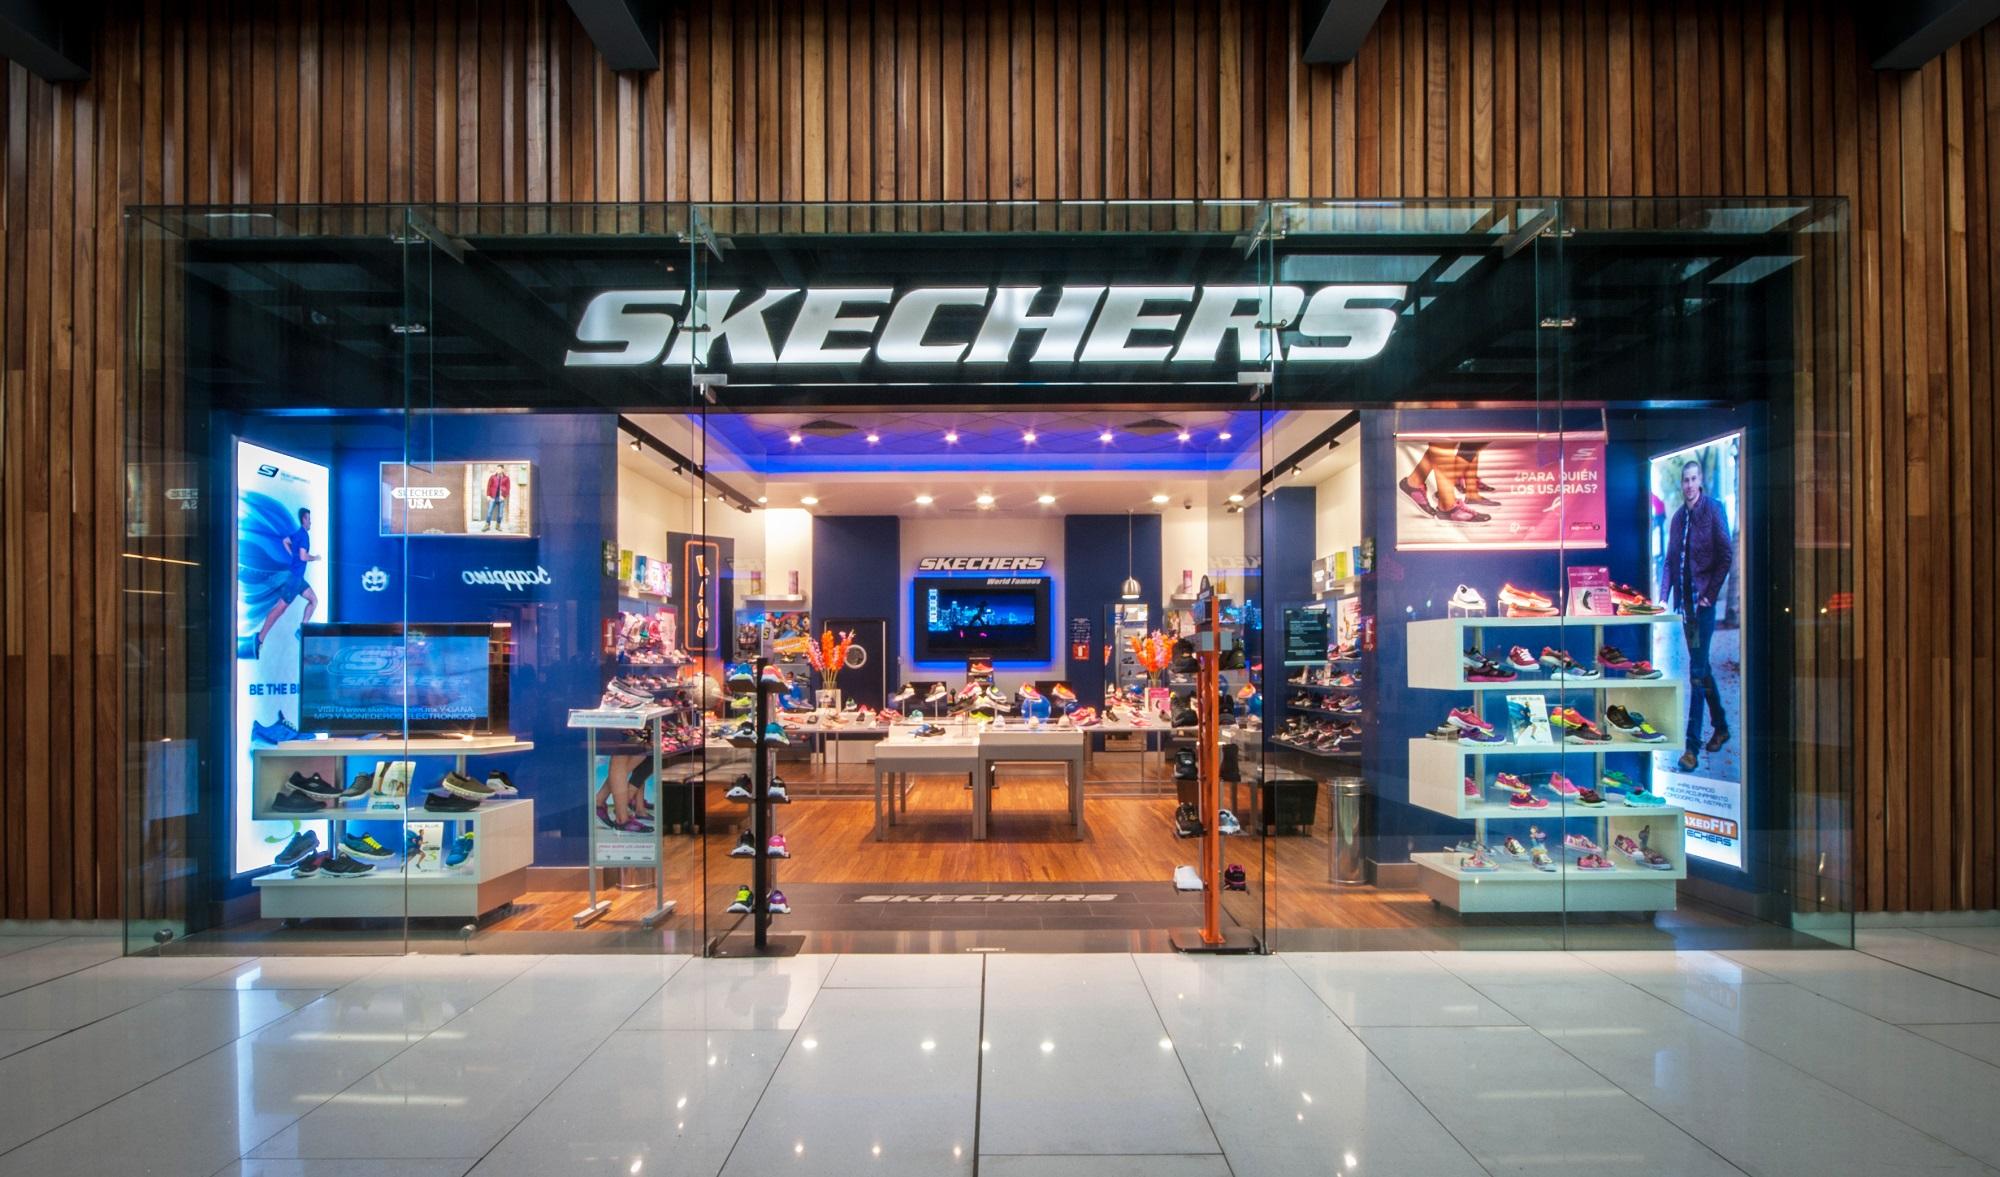 skechers store near me